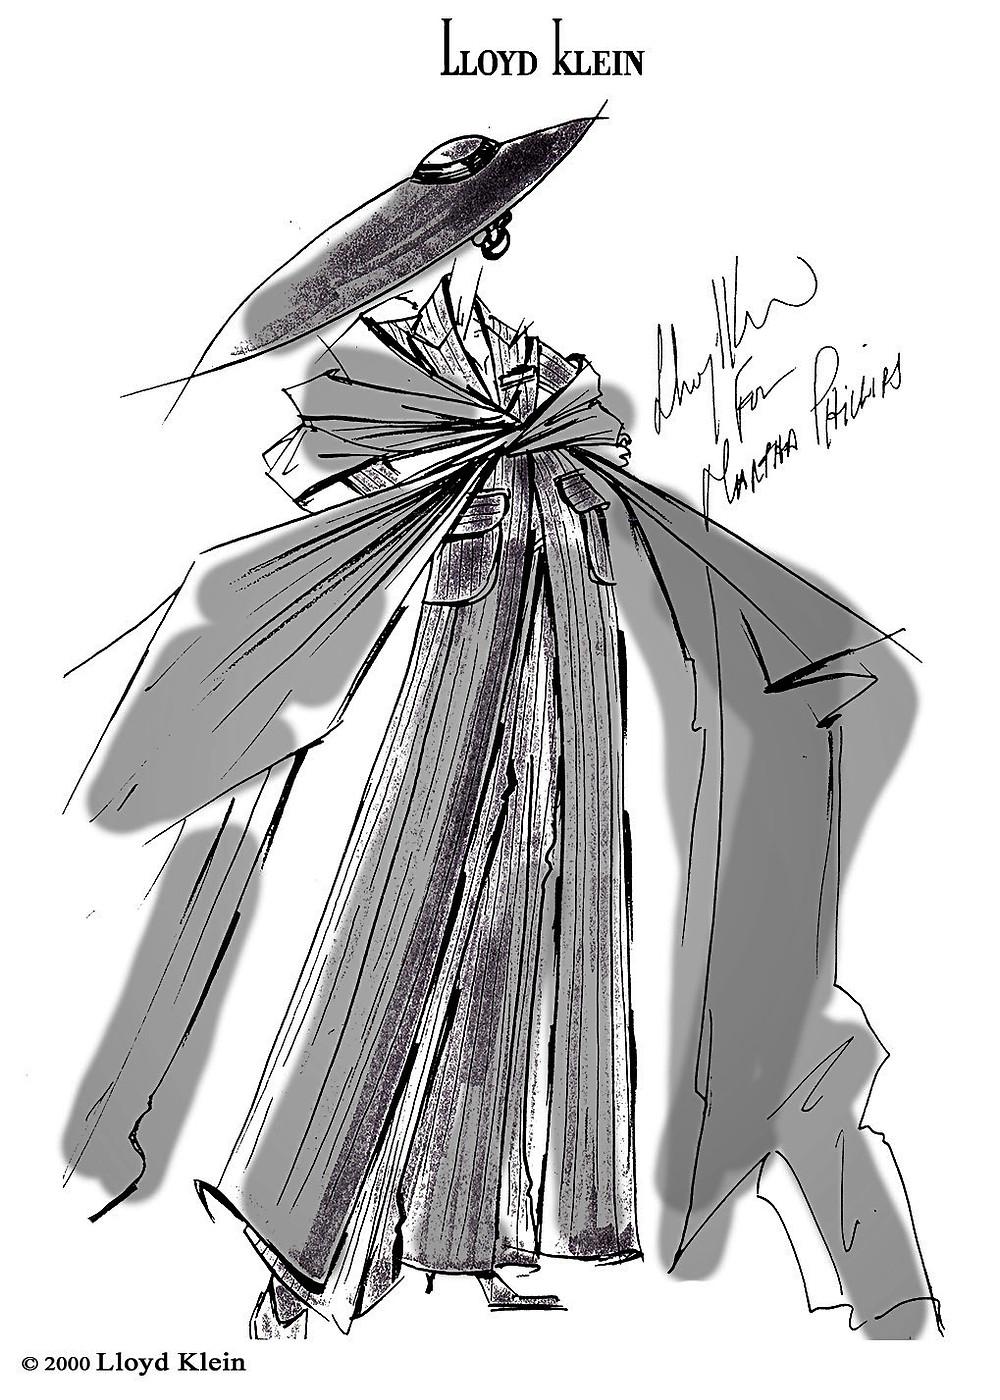 Lloyd Klein sketch for Martha Phillips